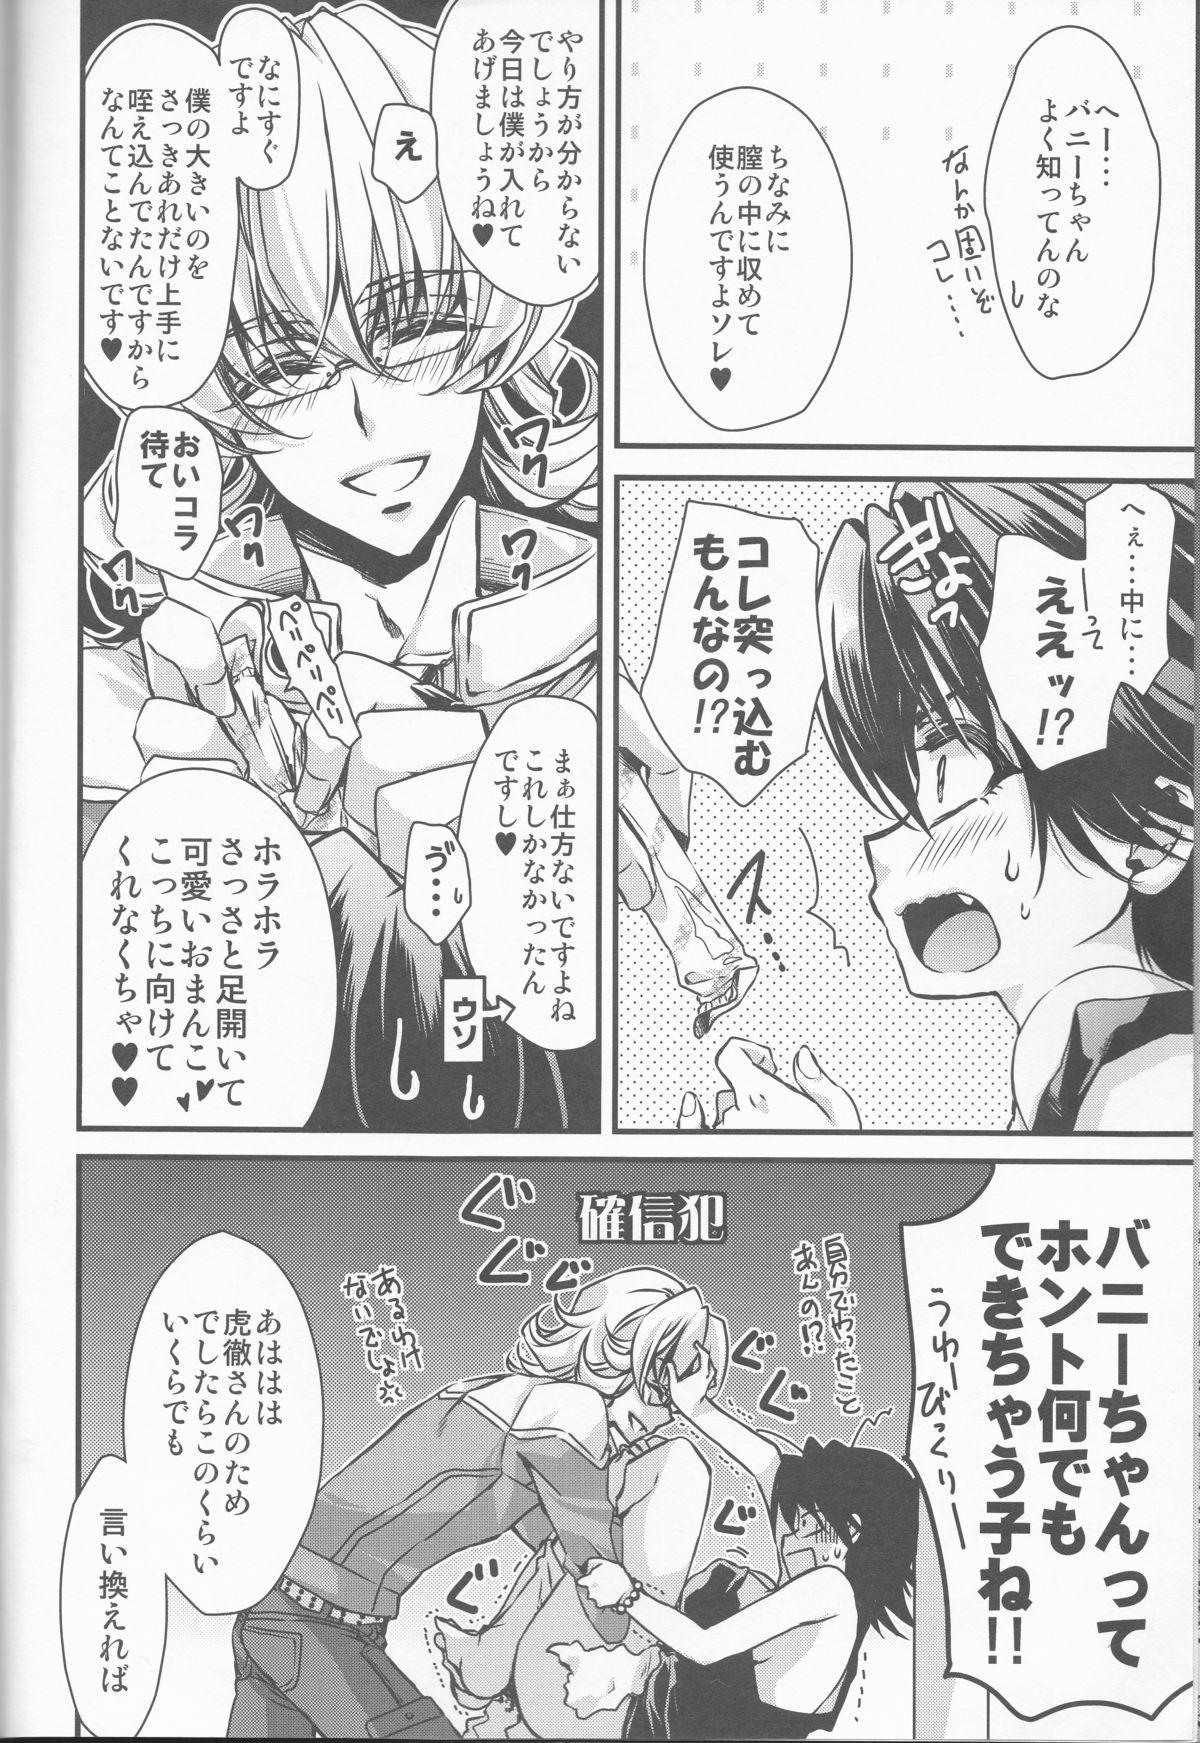 (C81) [RIRIADOLL (Takewakamaru)] Boku no Kotetsu-san ga Nyotetsu-san ni Natte Shimai Mashite!? (Tiger & Bunny) 23